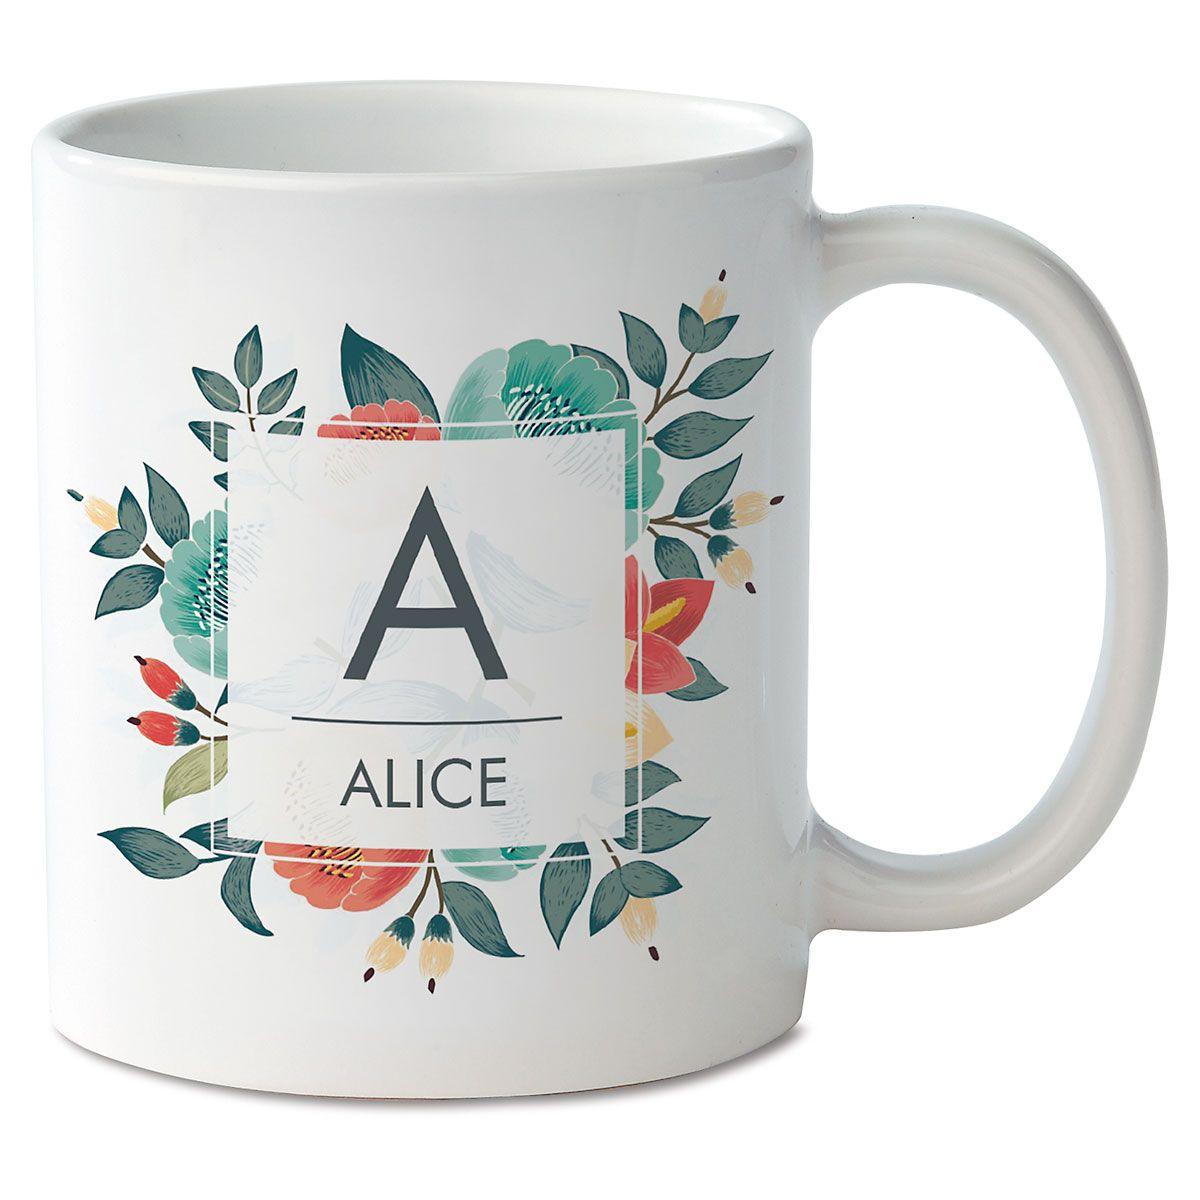 Floral Initial & Name Mug